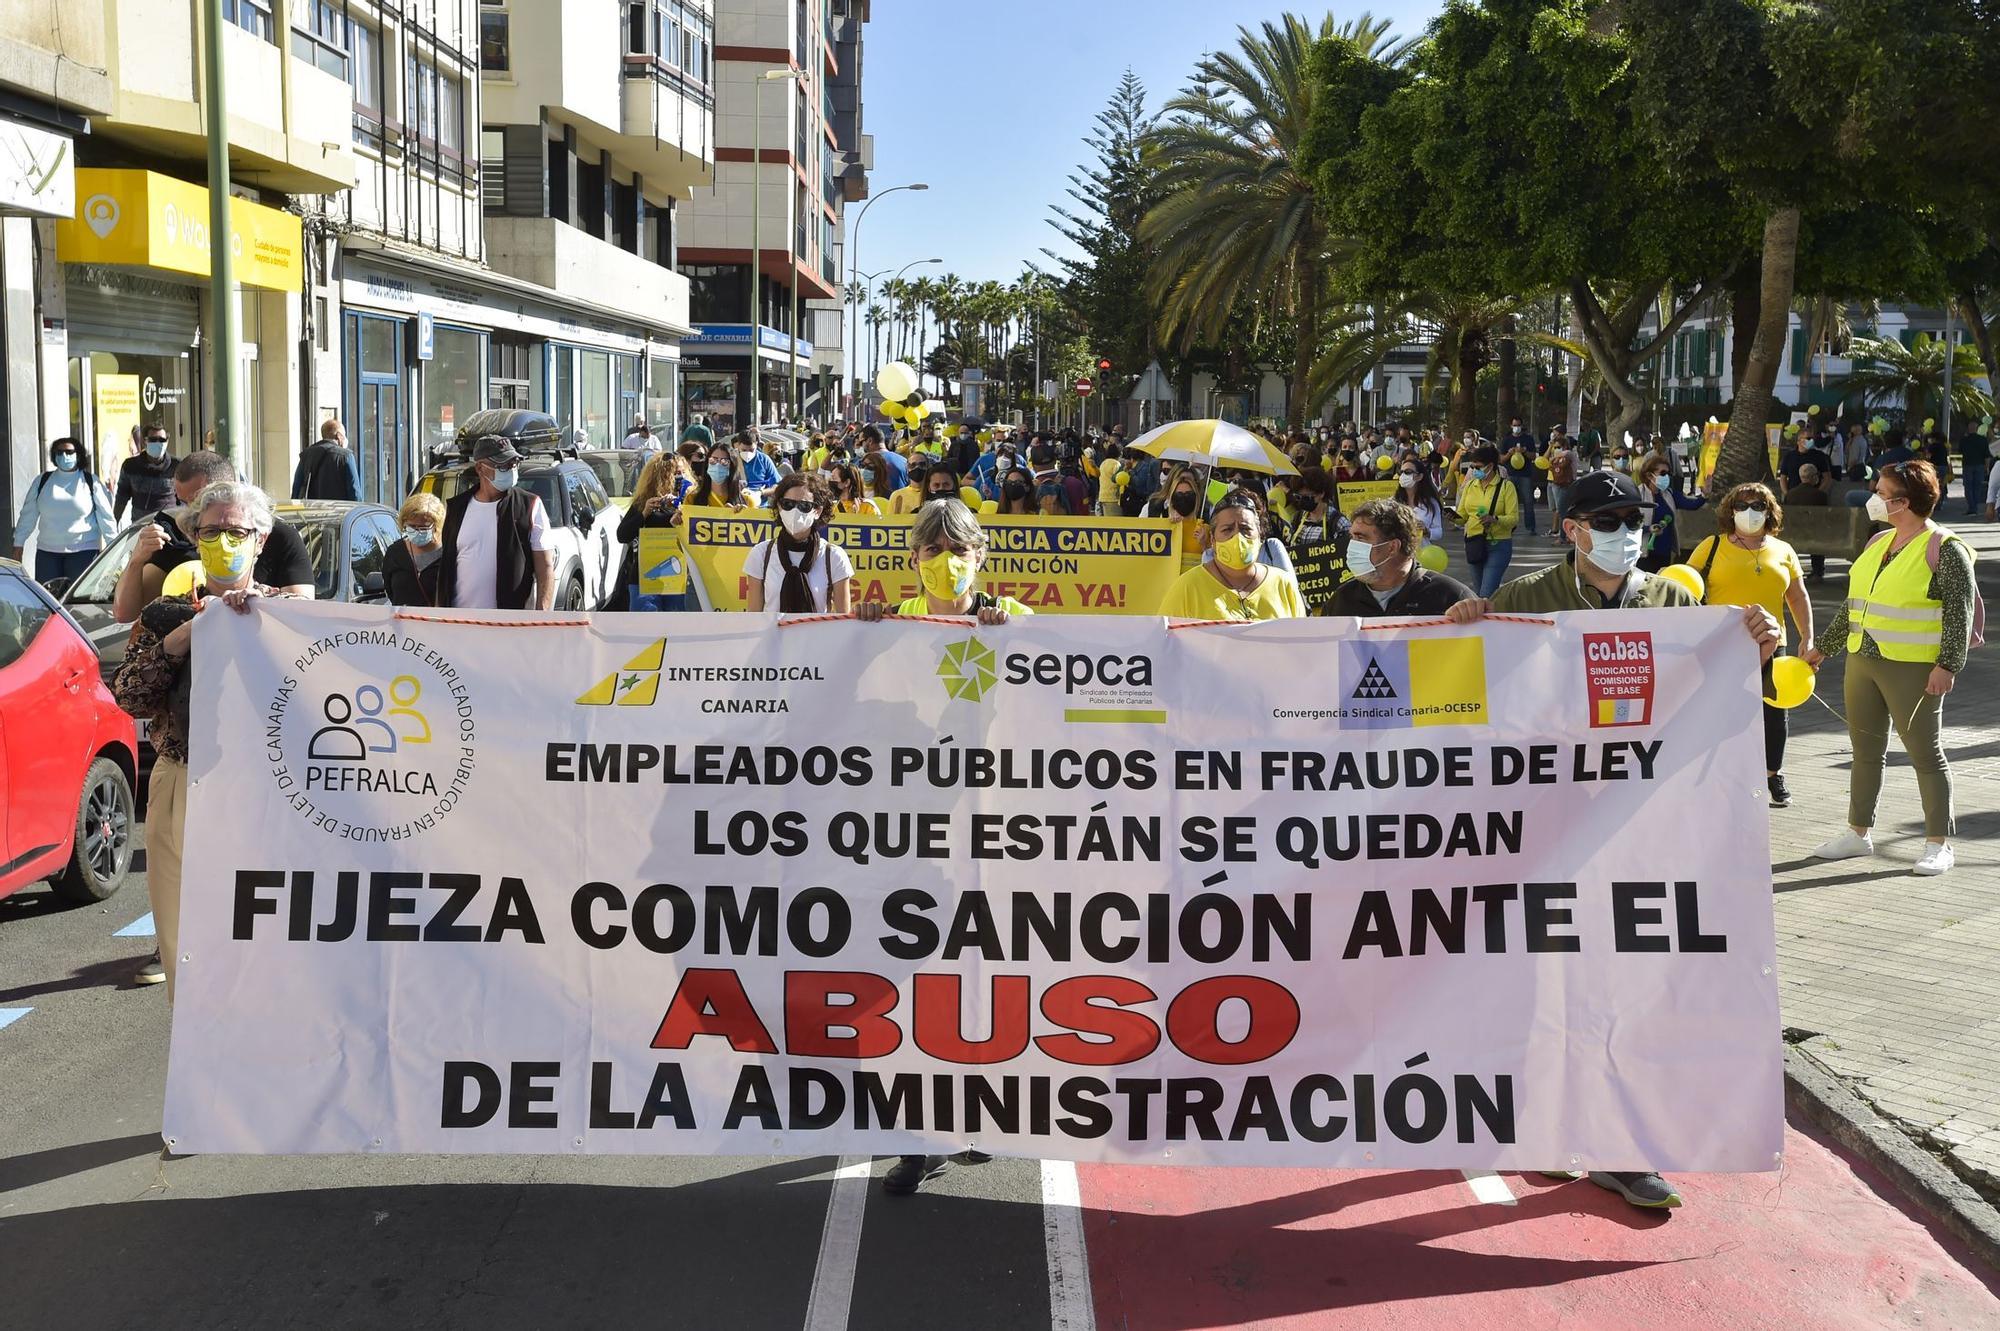 Manifestación de empleados públicos en Las Palmas de Gran Canaria